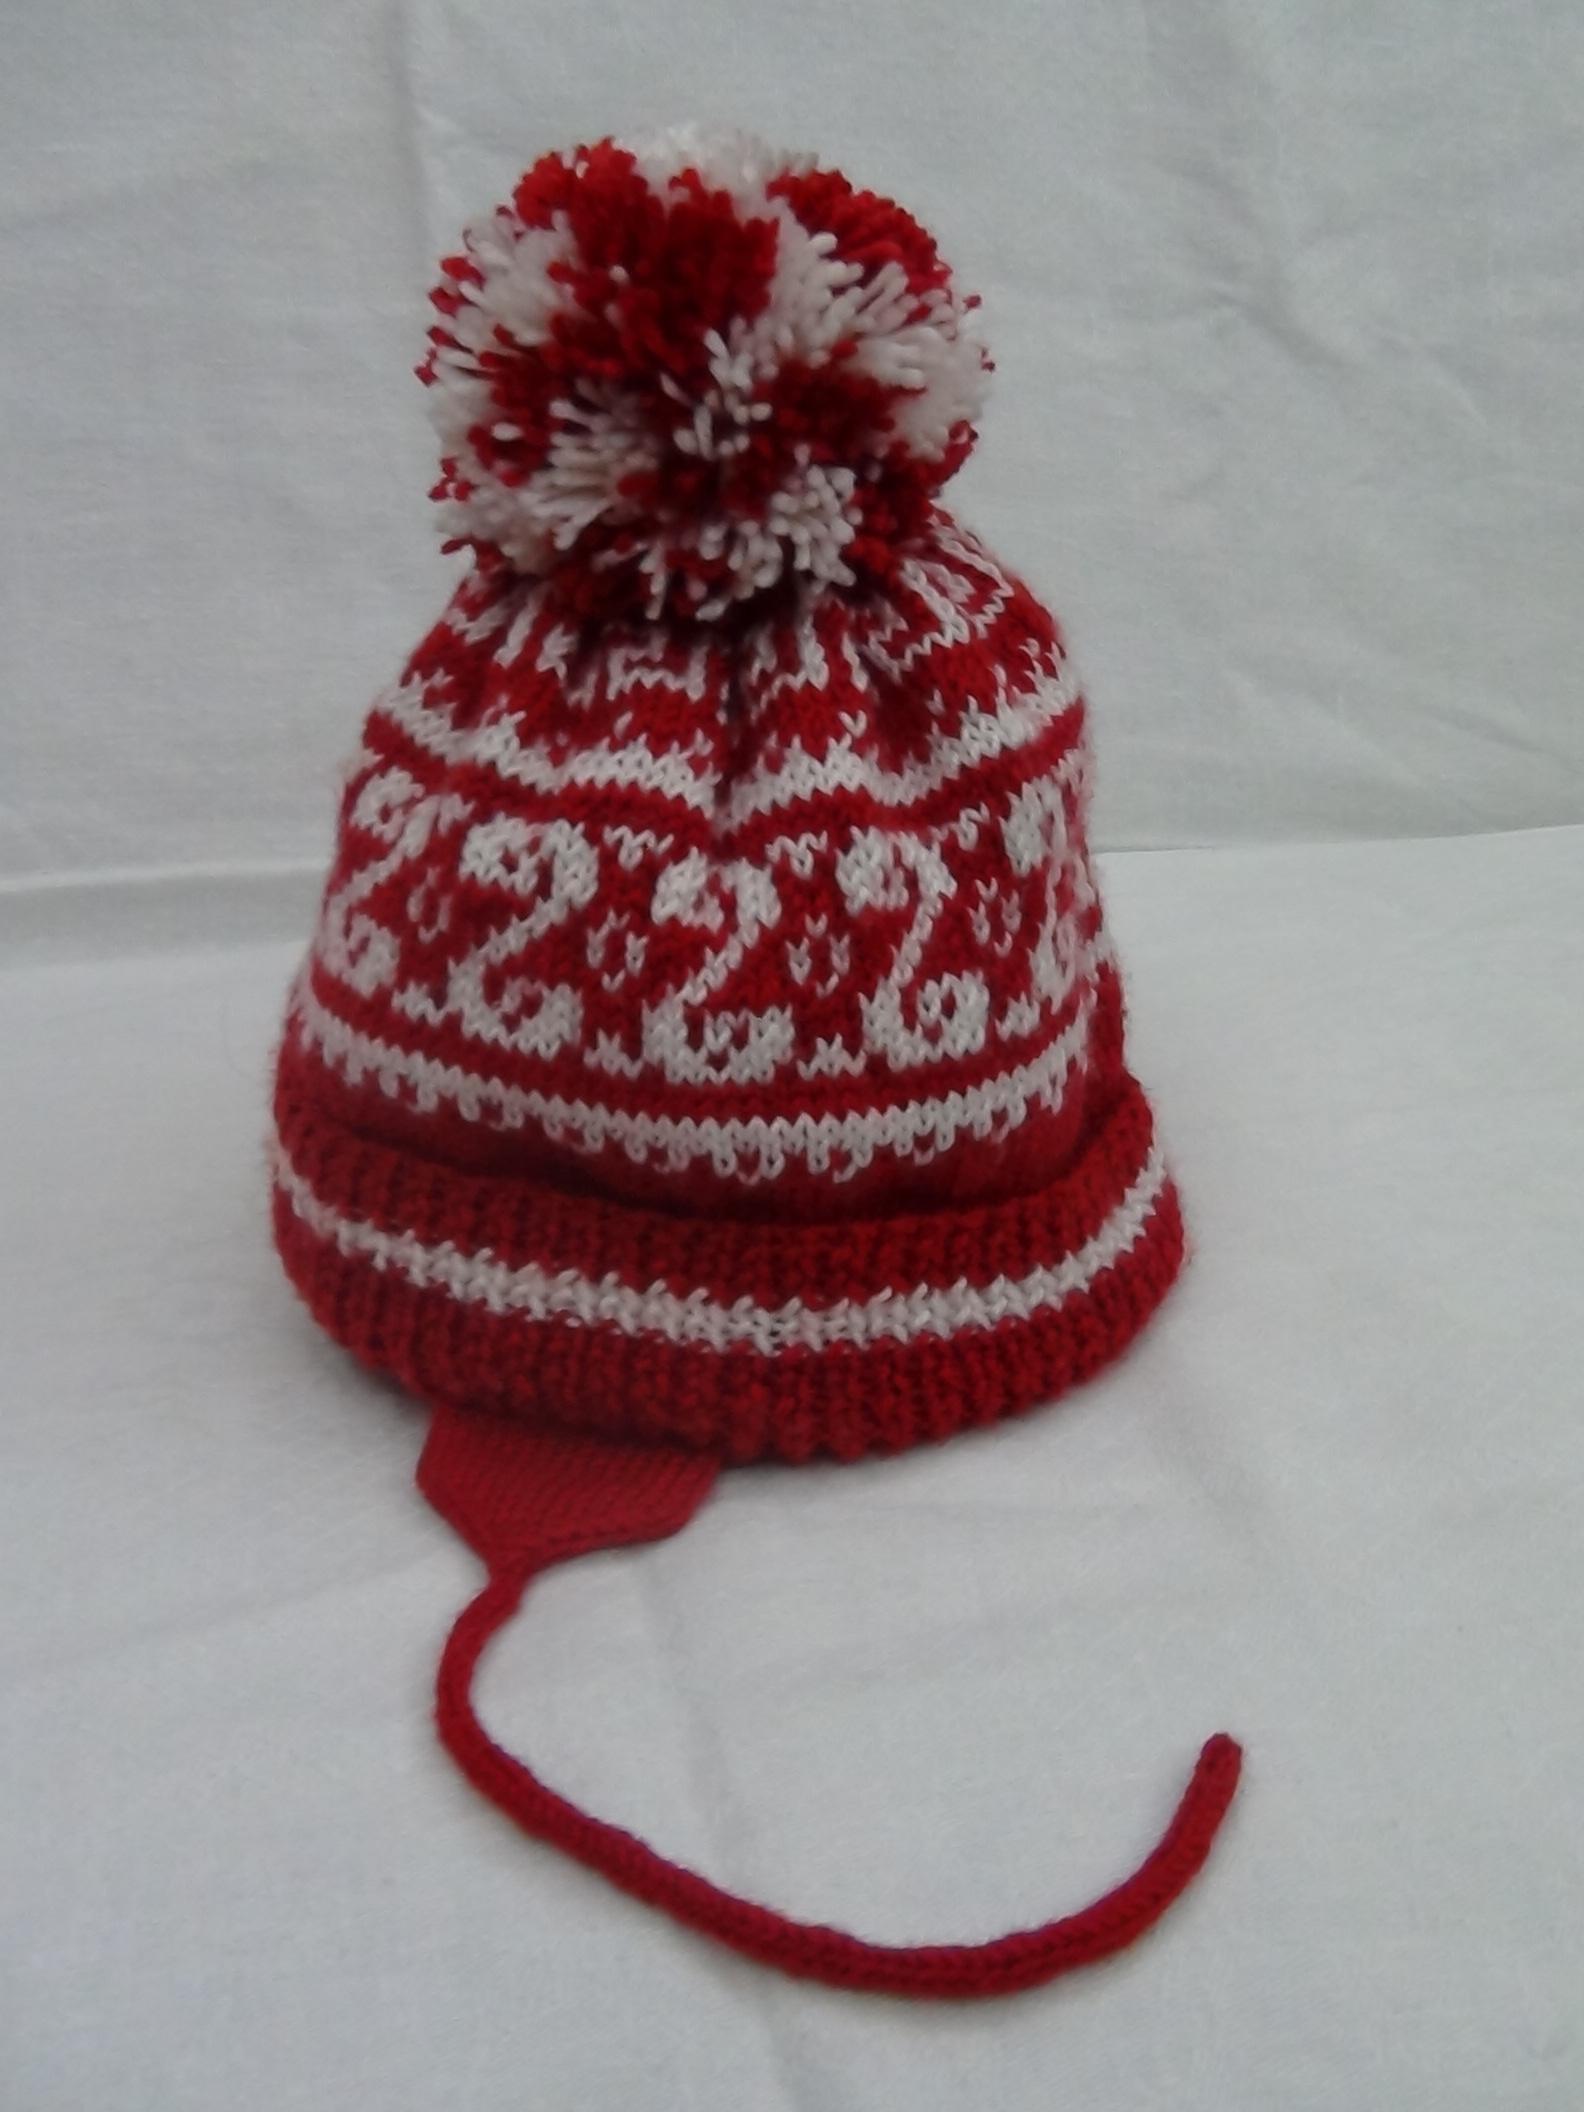 Двухслойная шапка. Шапки, шляпки, панамки и др.  вязаные головные уборы